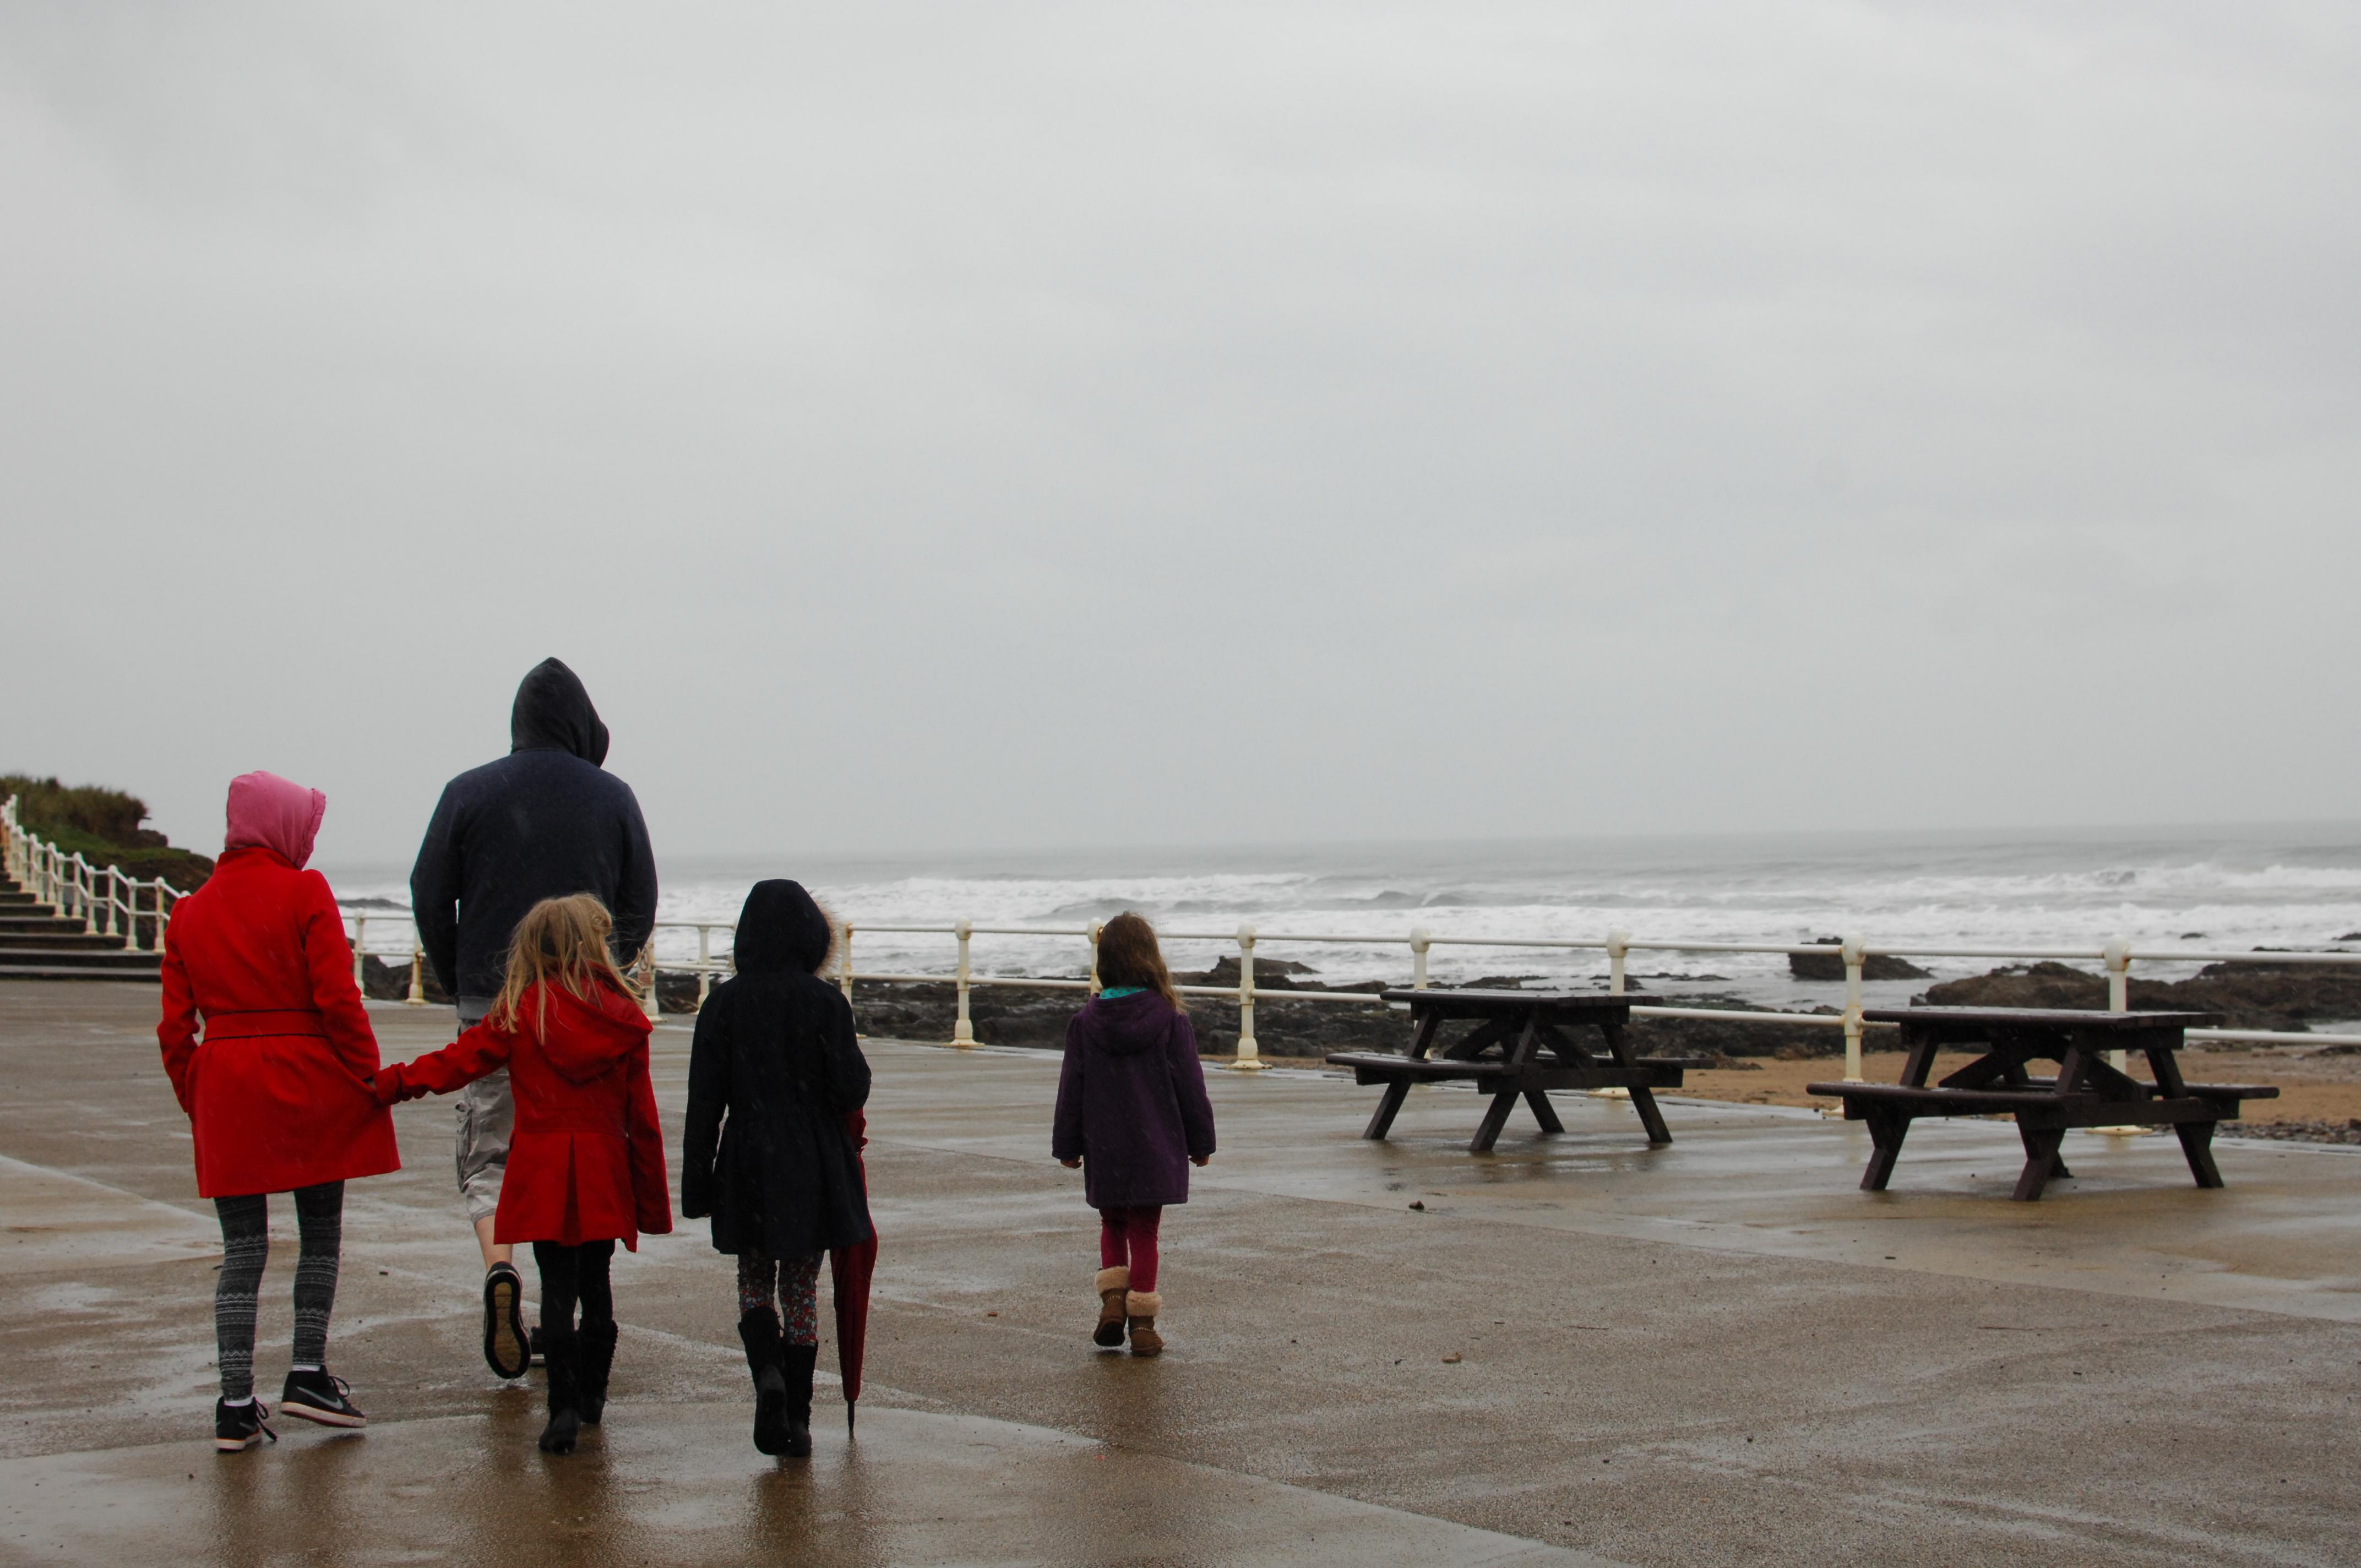 The sea was pretty rough!